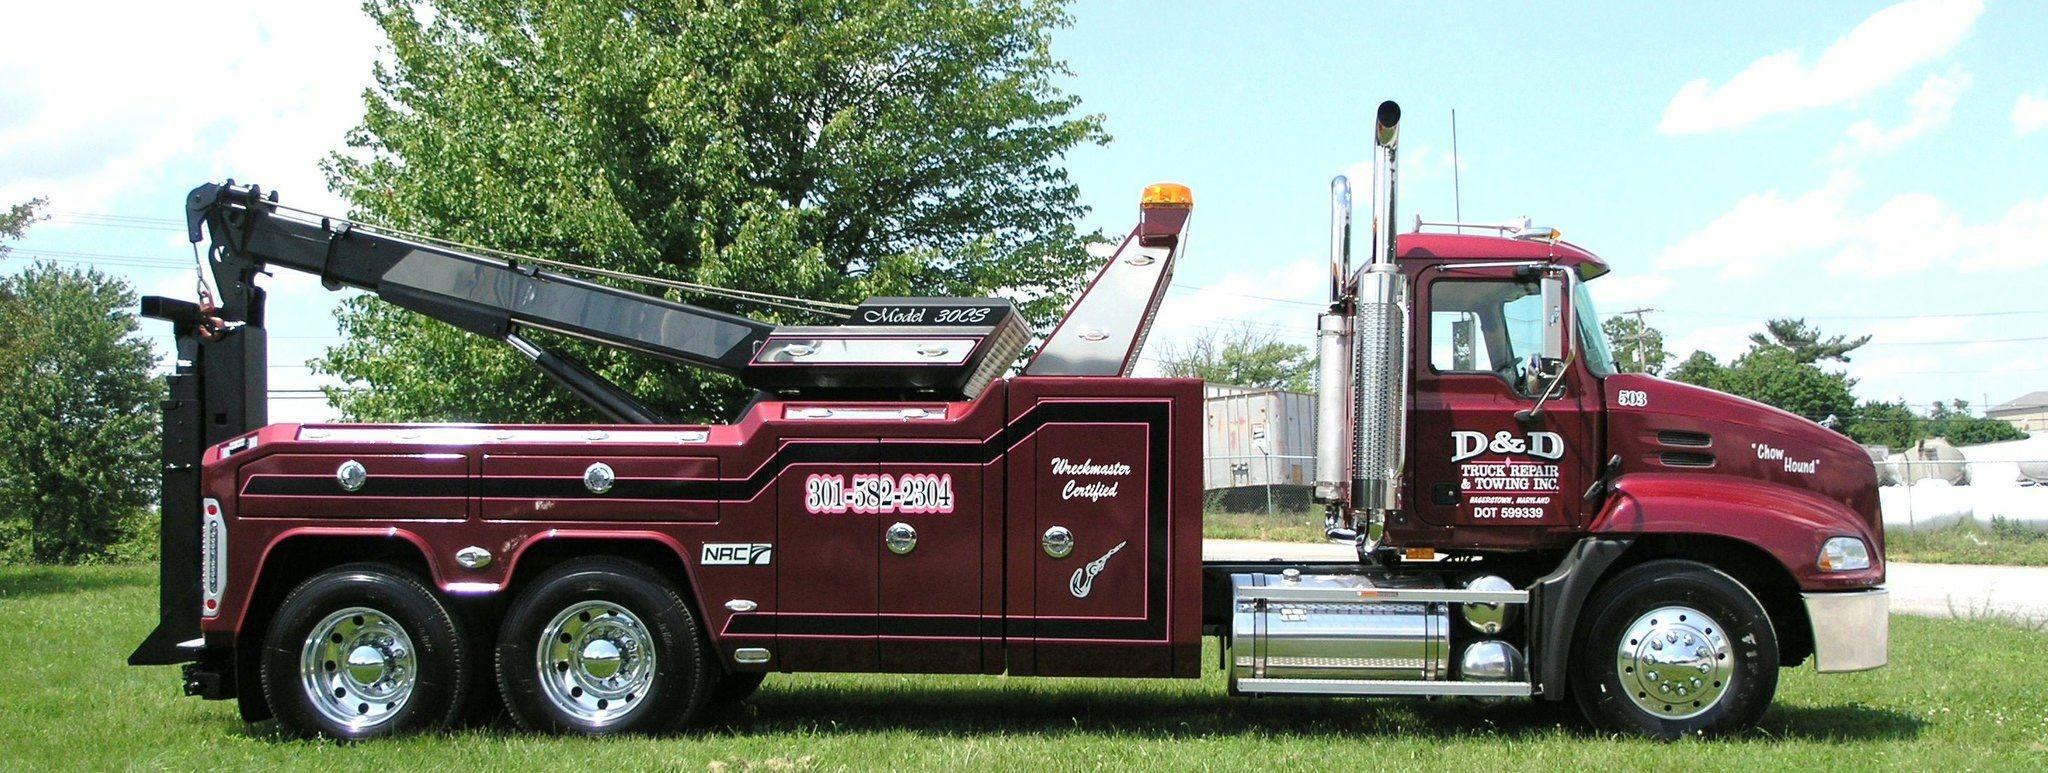 D & D Towing >> D D Truck Repair Towing Hagerstown Md Mack W Nrc 30cs